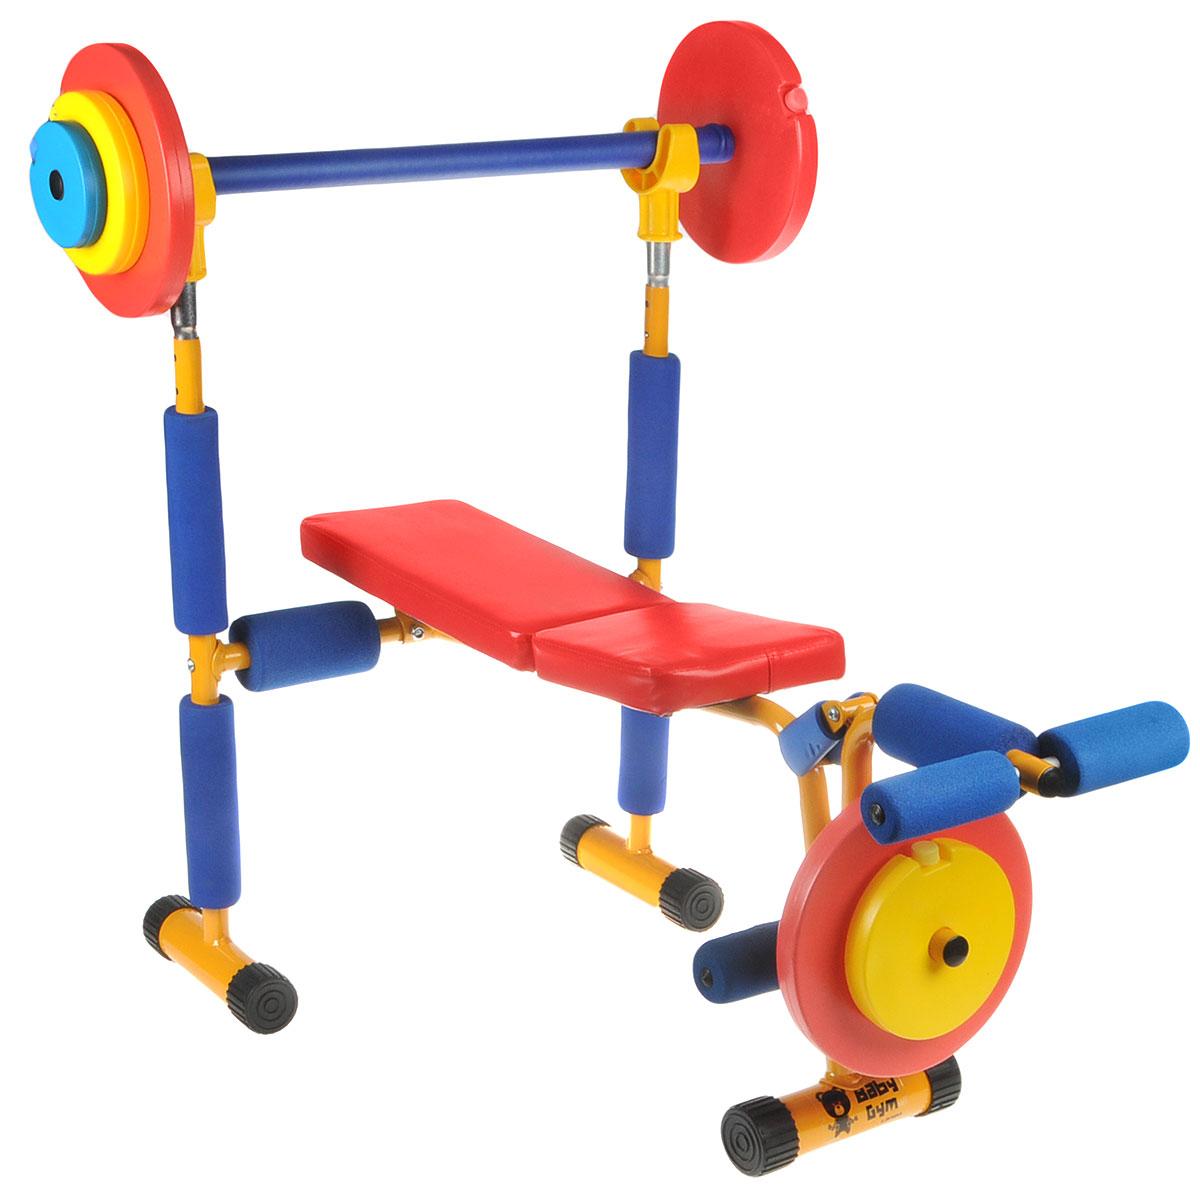 Скамья под штангу Larsen Baby Gym. LEM-KWB001114124Размеры в собранном виде: 87 х 80 х 85 см Масса в собранном виде: 8,5 кг Максимальный вес пользователя: 50 кг